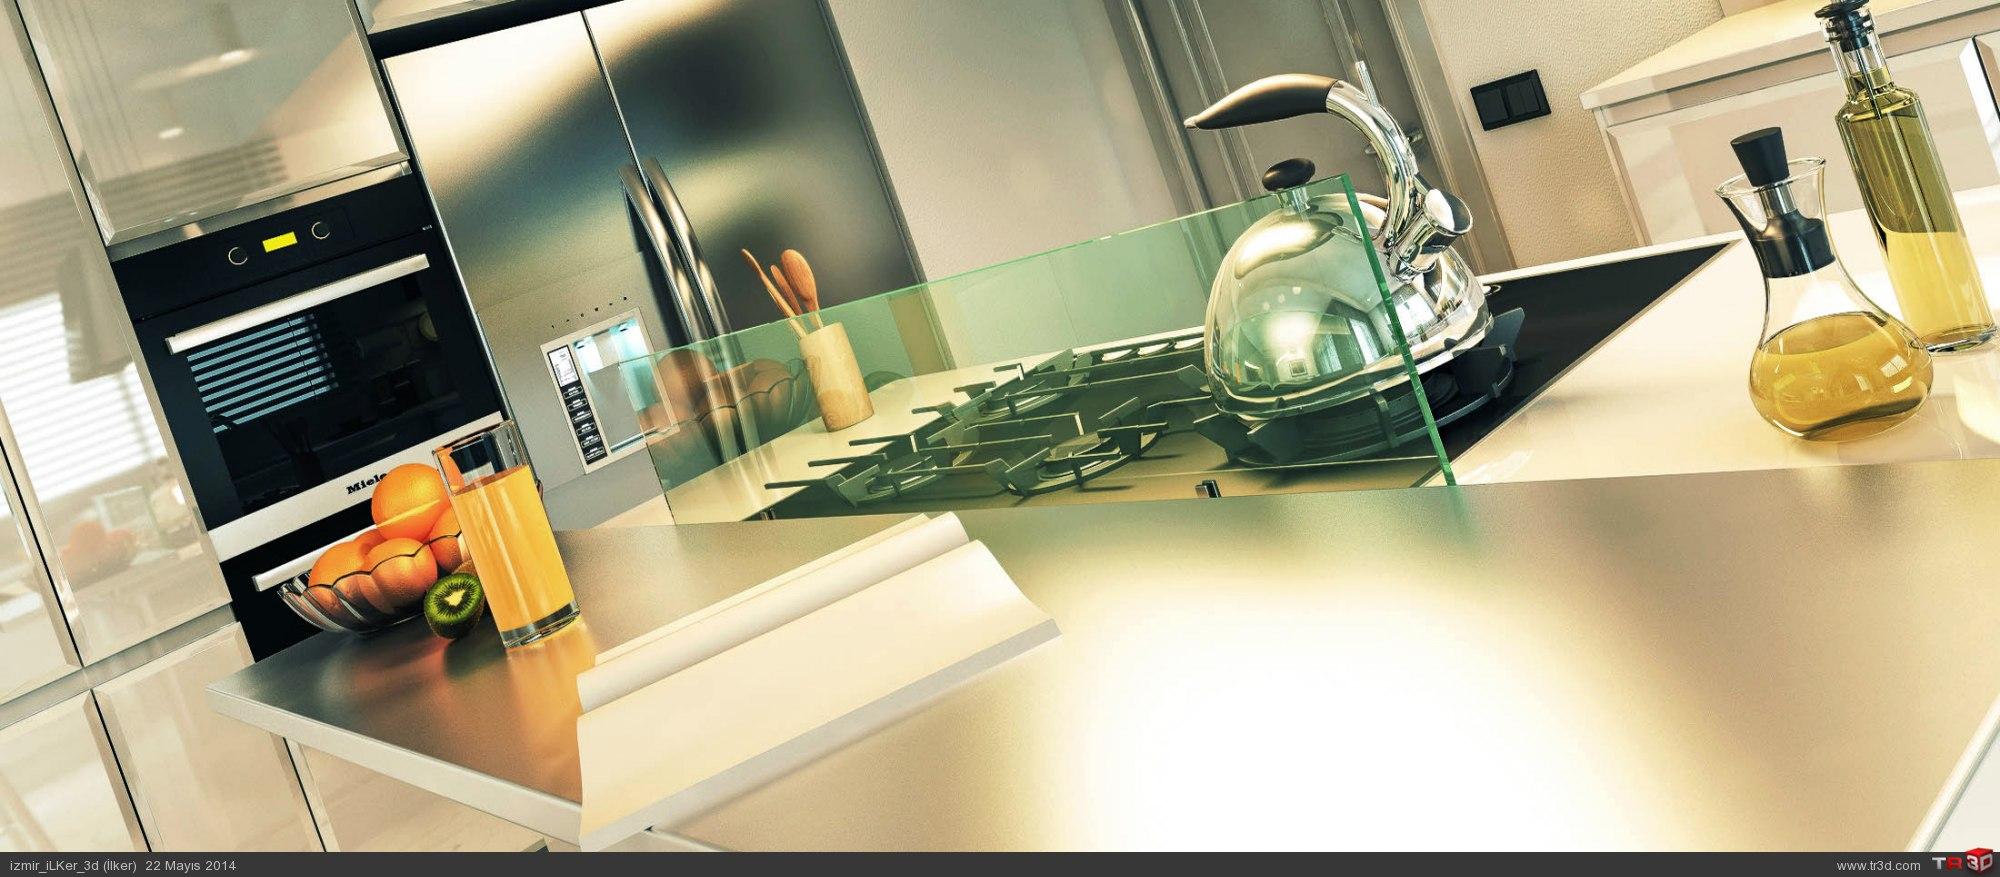 Mutfak Detay 1